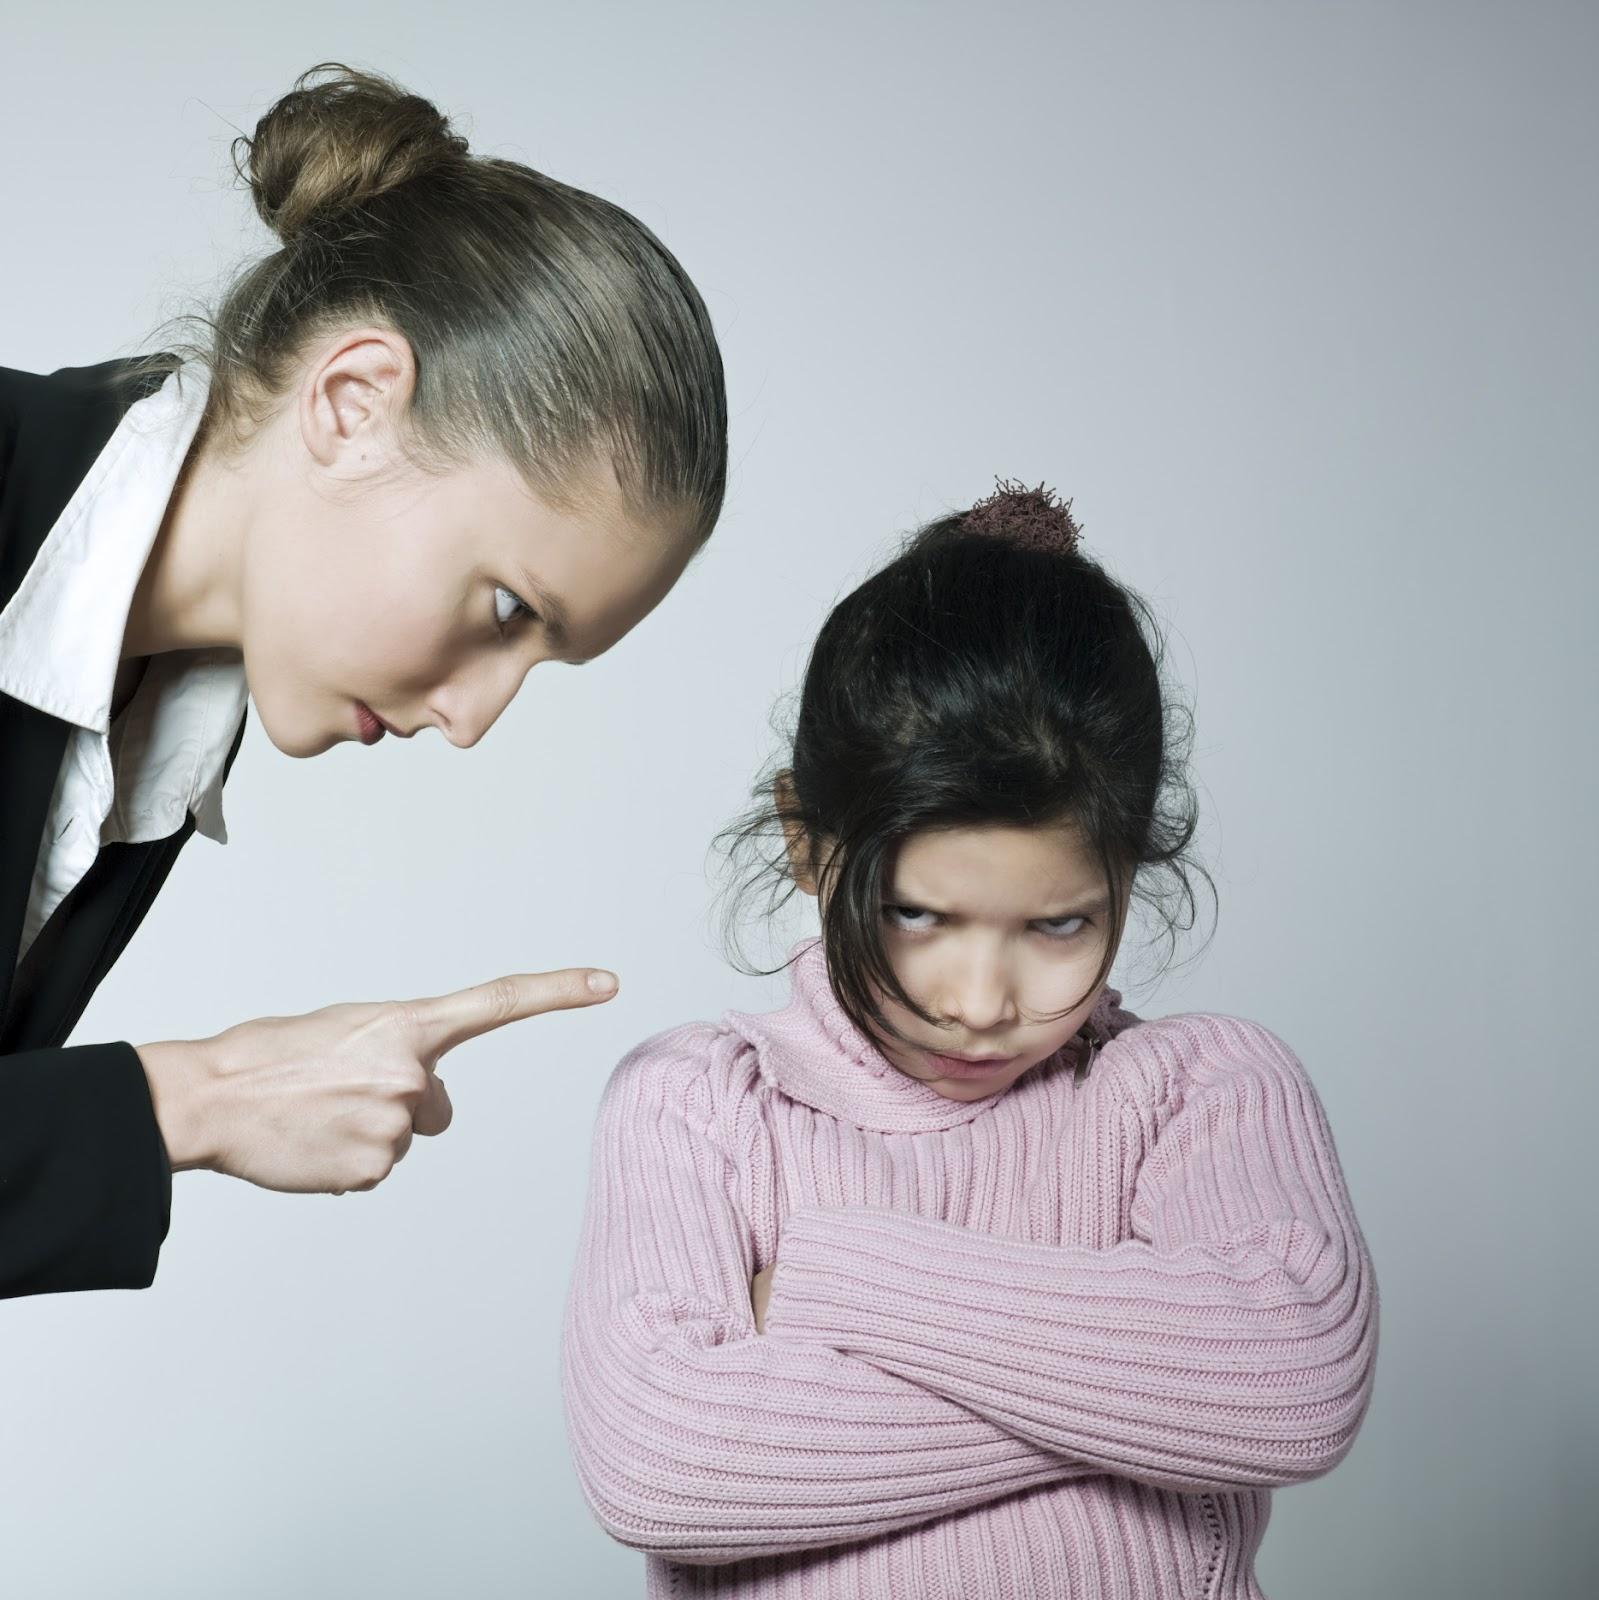 Раздражает собственный ребенок: возможные причины и особенности решения проблемы